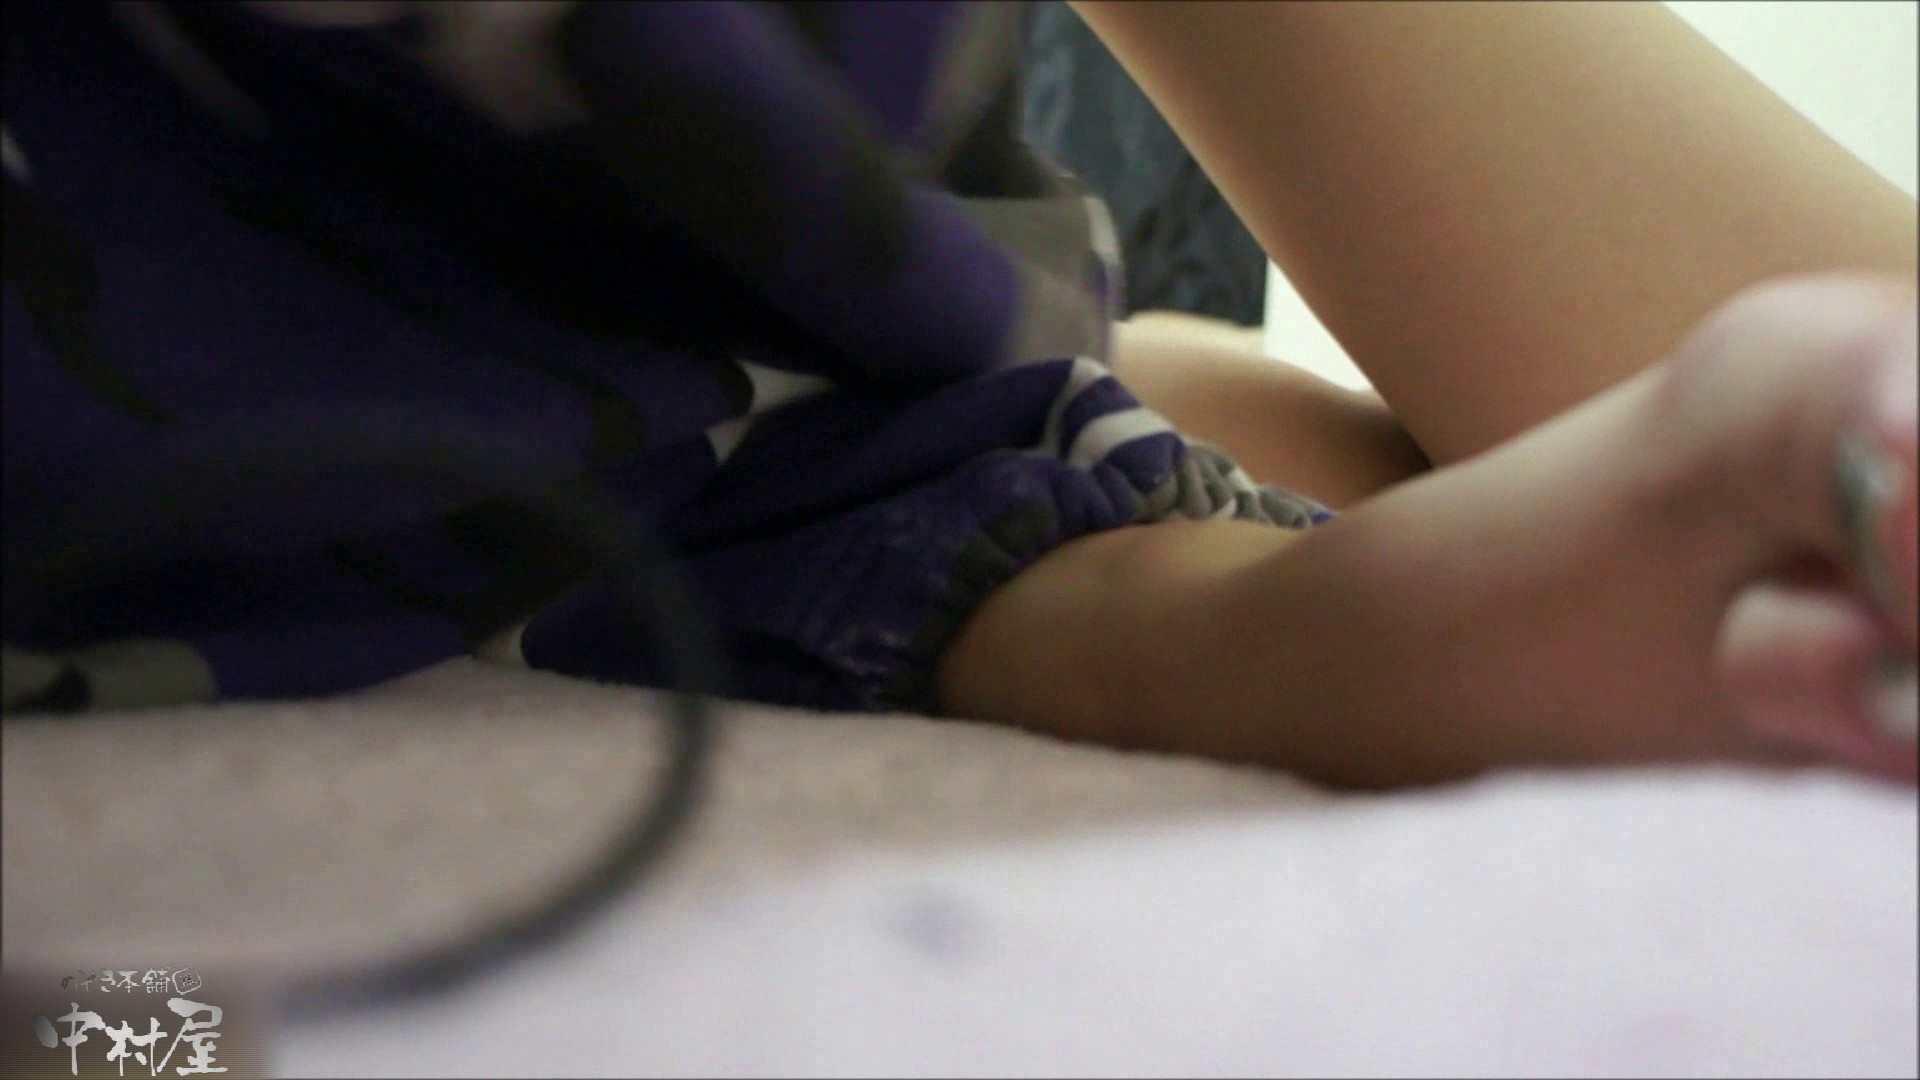 二人とも育てた甲斐がありました…vol.29  眠るレイカを突いて・・・ 学校 のぞき動画画像 105pic 71